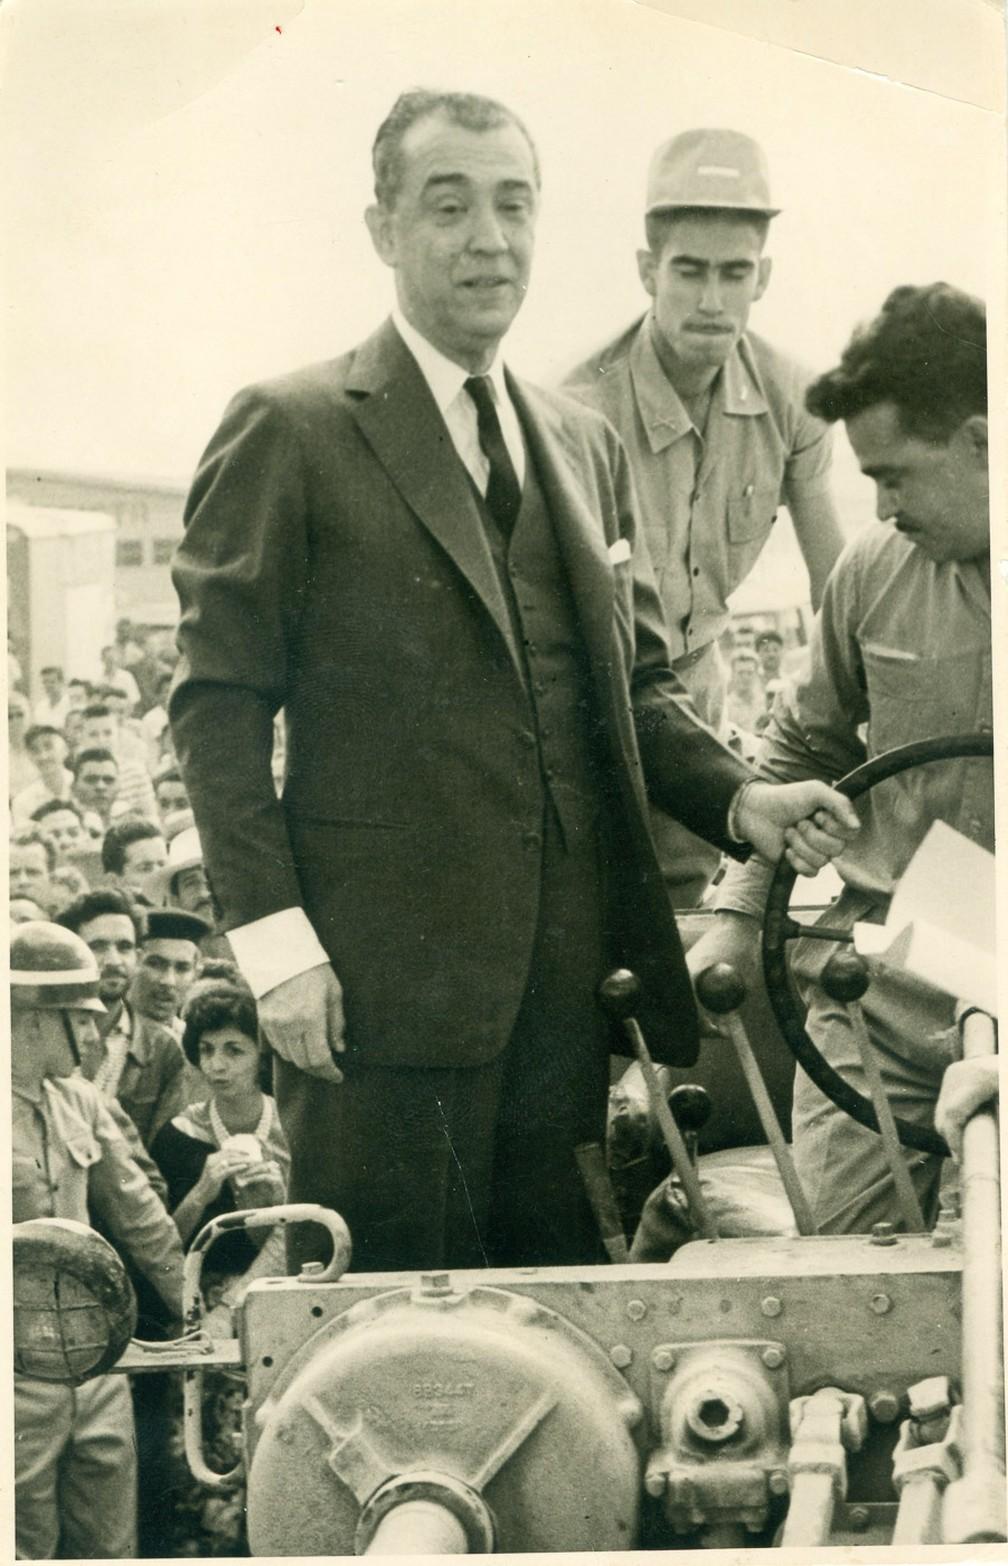 O presidente Juscelino Kubitschek durante cerimônia de apresentação do primeiro trator nacional, fabricado nas oficinas da Ford Motors do Brasil, em São Paulo, com 40% de material importado, na frente do Palácio do Planalto, em Brasília. Foto de dezembro de 1960 — Foto: Rolando de Freitas/Estadão Conteúdo/Arquivo